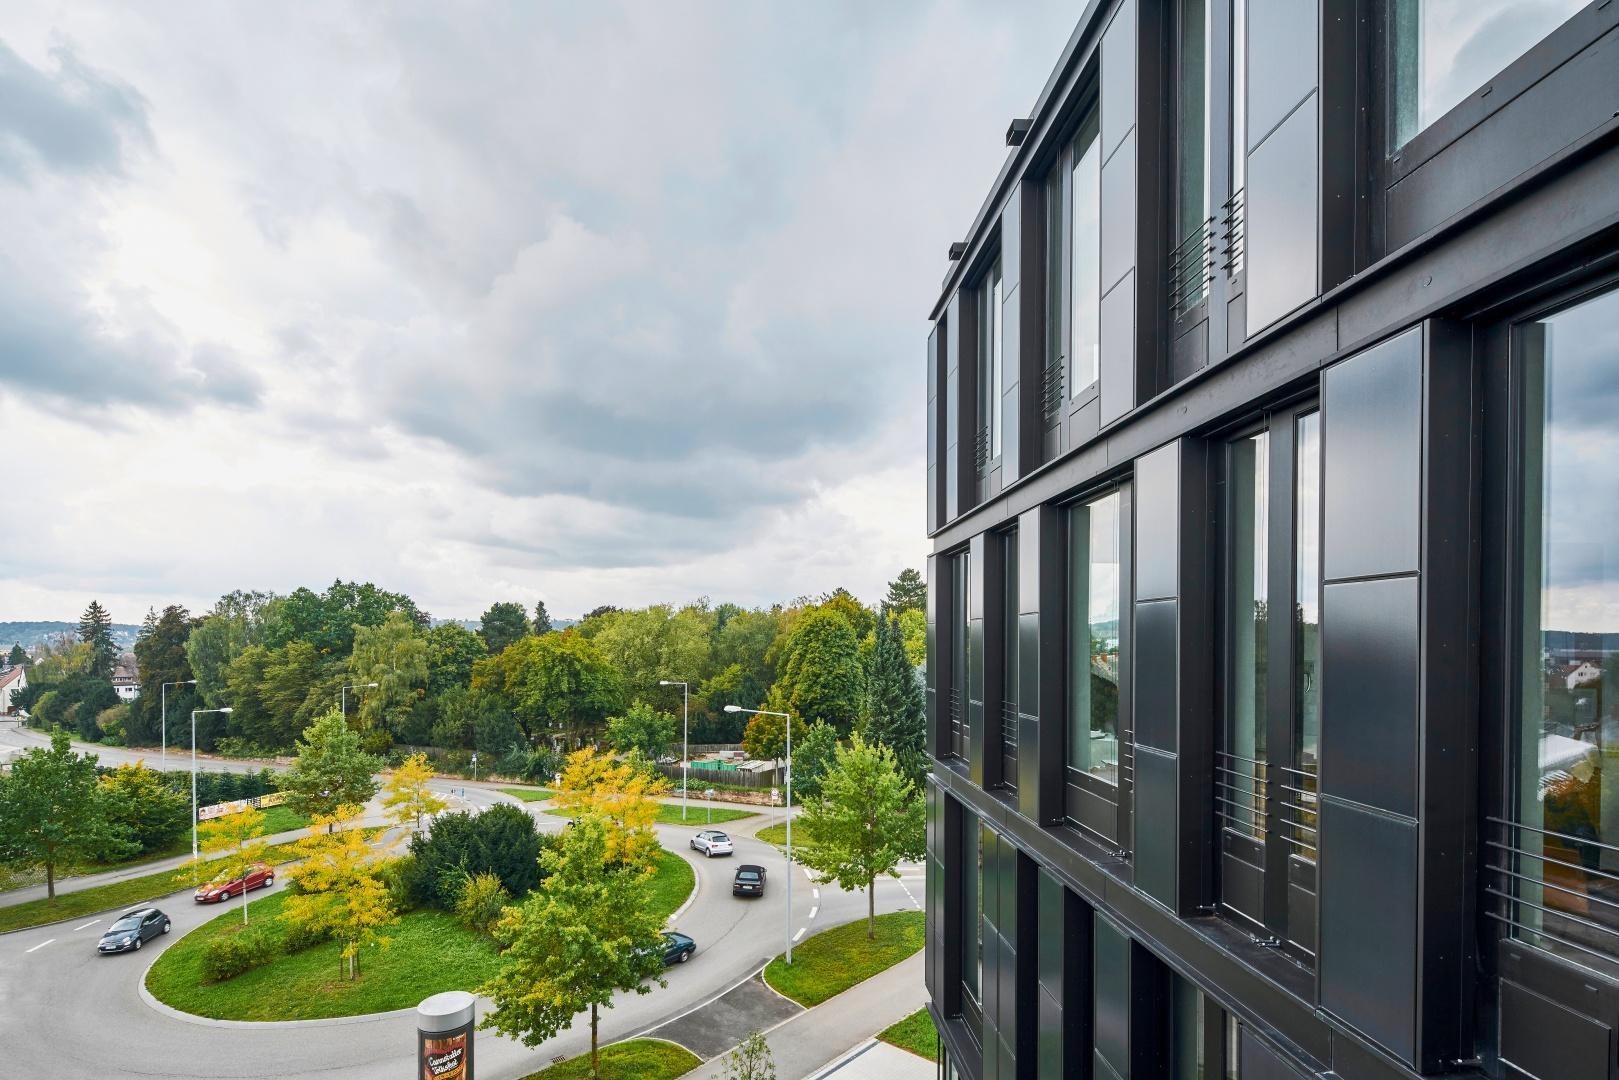 Das Grundstück des ZSW liegt an der südwestlichen Spitze des STEP Stuttgart Engineering Park. Direkt vom Kreisverkehr aus erfolgt die Zufahrt zum Gebäude – eine baurechtliche Ausnahme, die von  einer guten Zusammenarbeit mit den Behörden zeugt. © Jens Willebrand